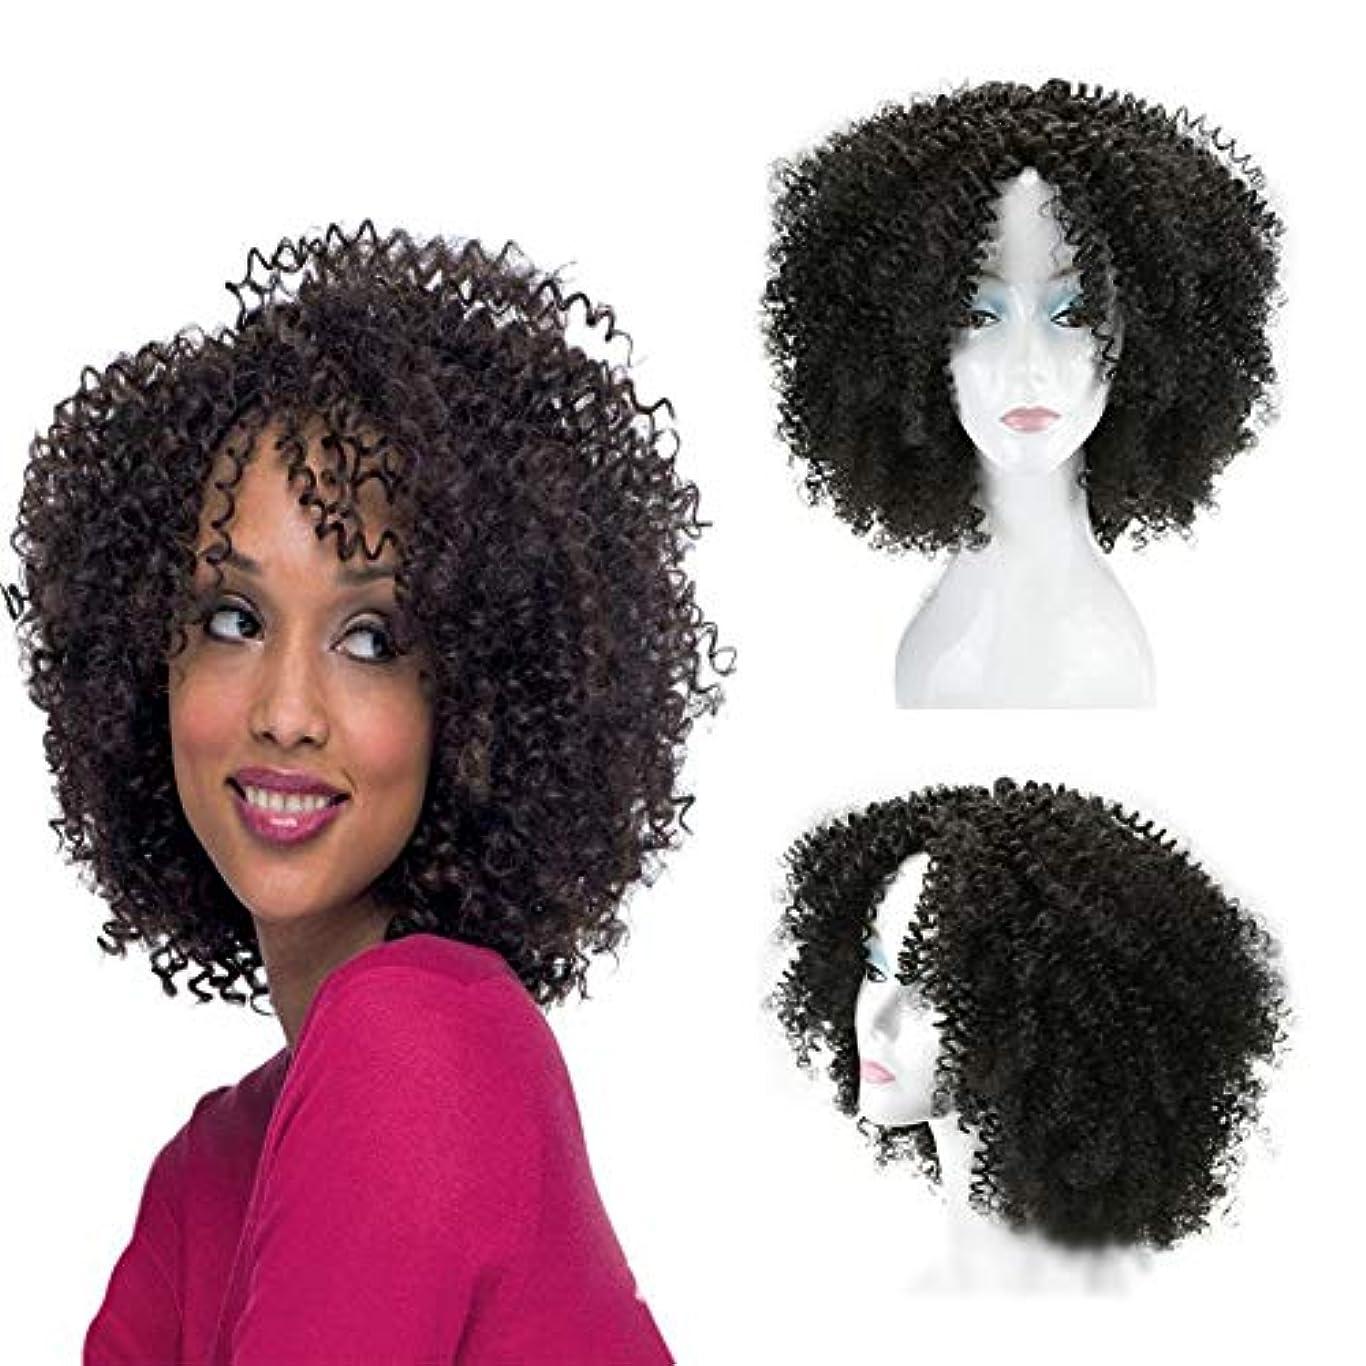 ひばりオンス蘇生するYOUQIU 16インチ変態カーリー黒爆発デイリーコスプレパーティードレスウィッグ用のヘッドの女性のアフリカの小カーリーヘア (色 : 黒)